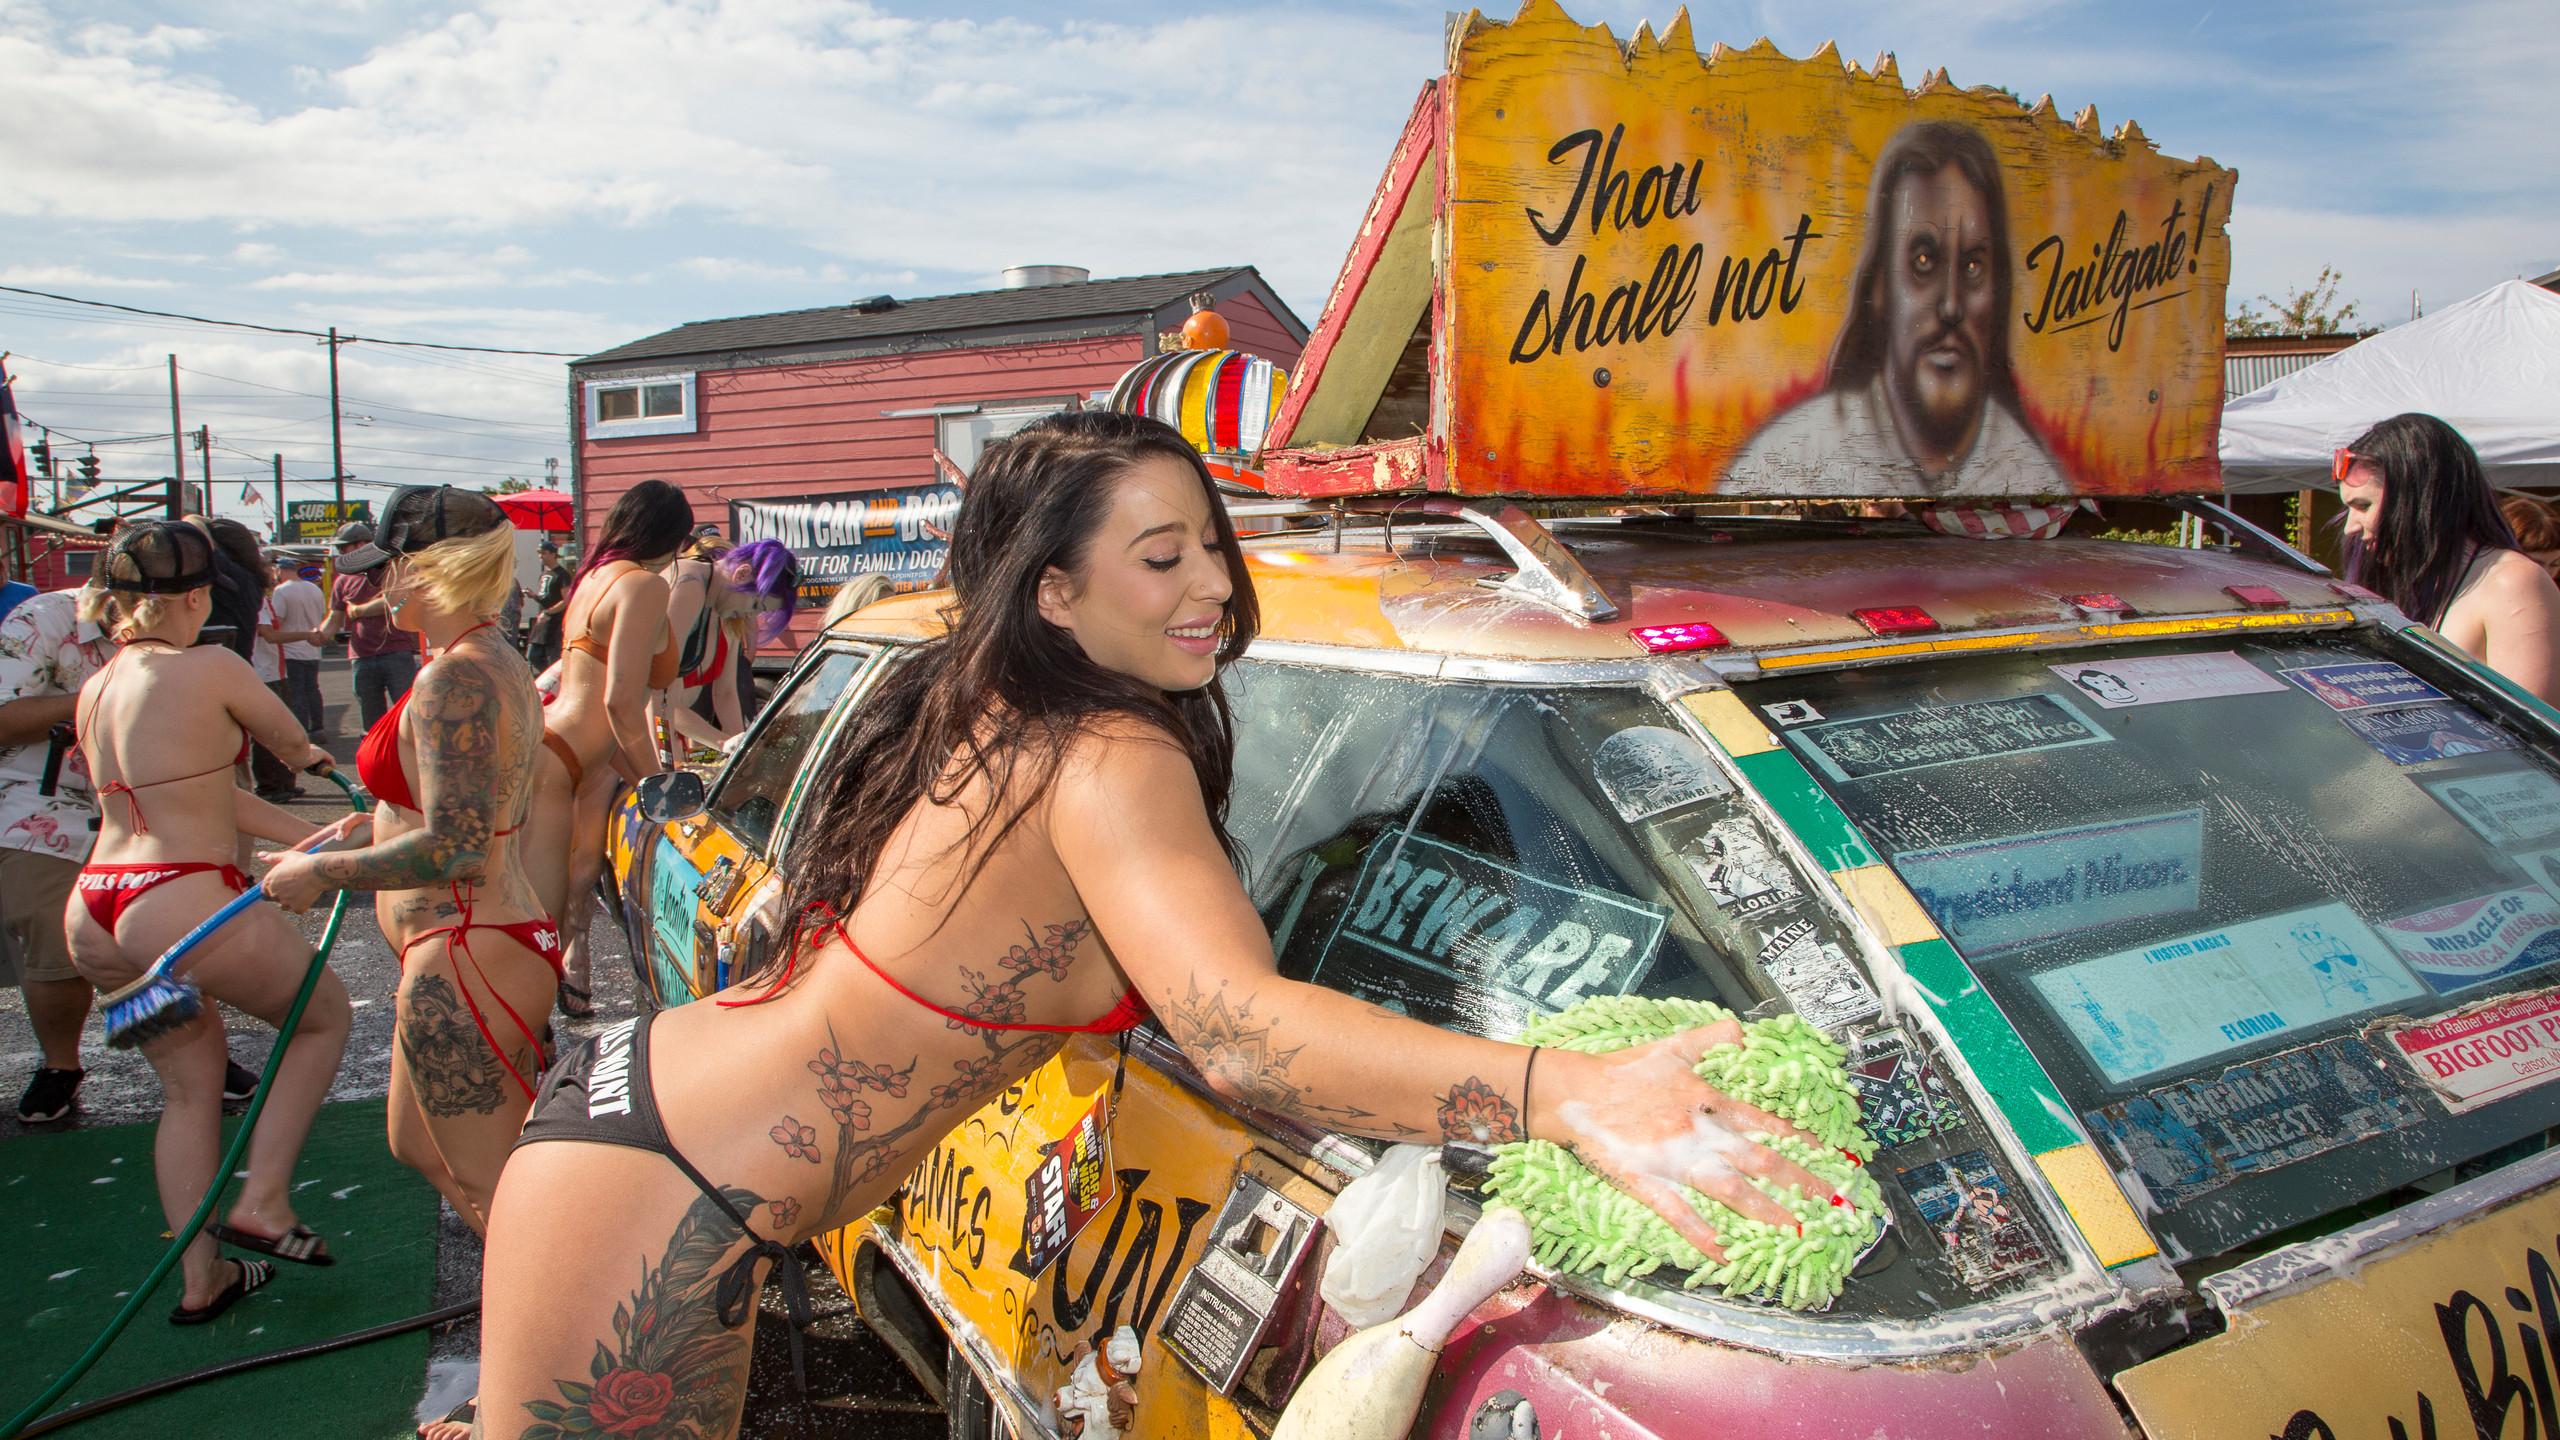 11th Annual Bikini Car And Dog Wash